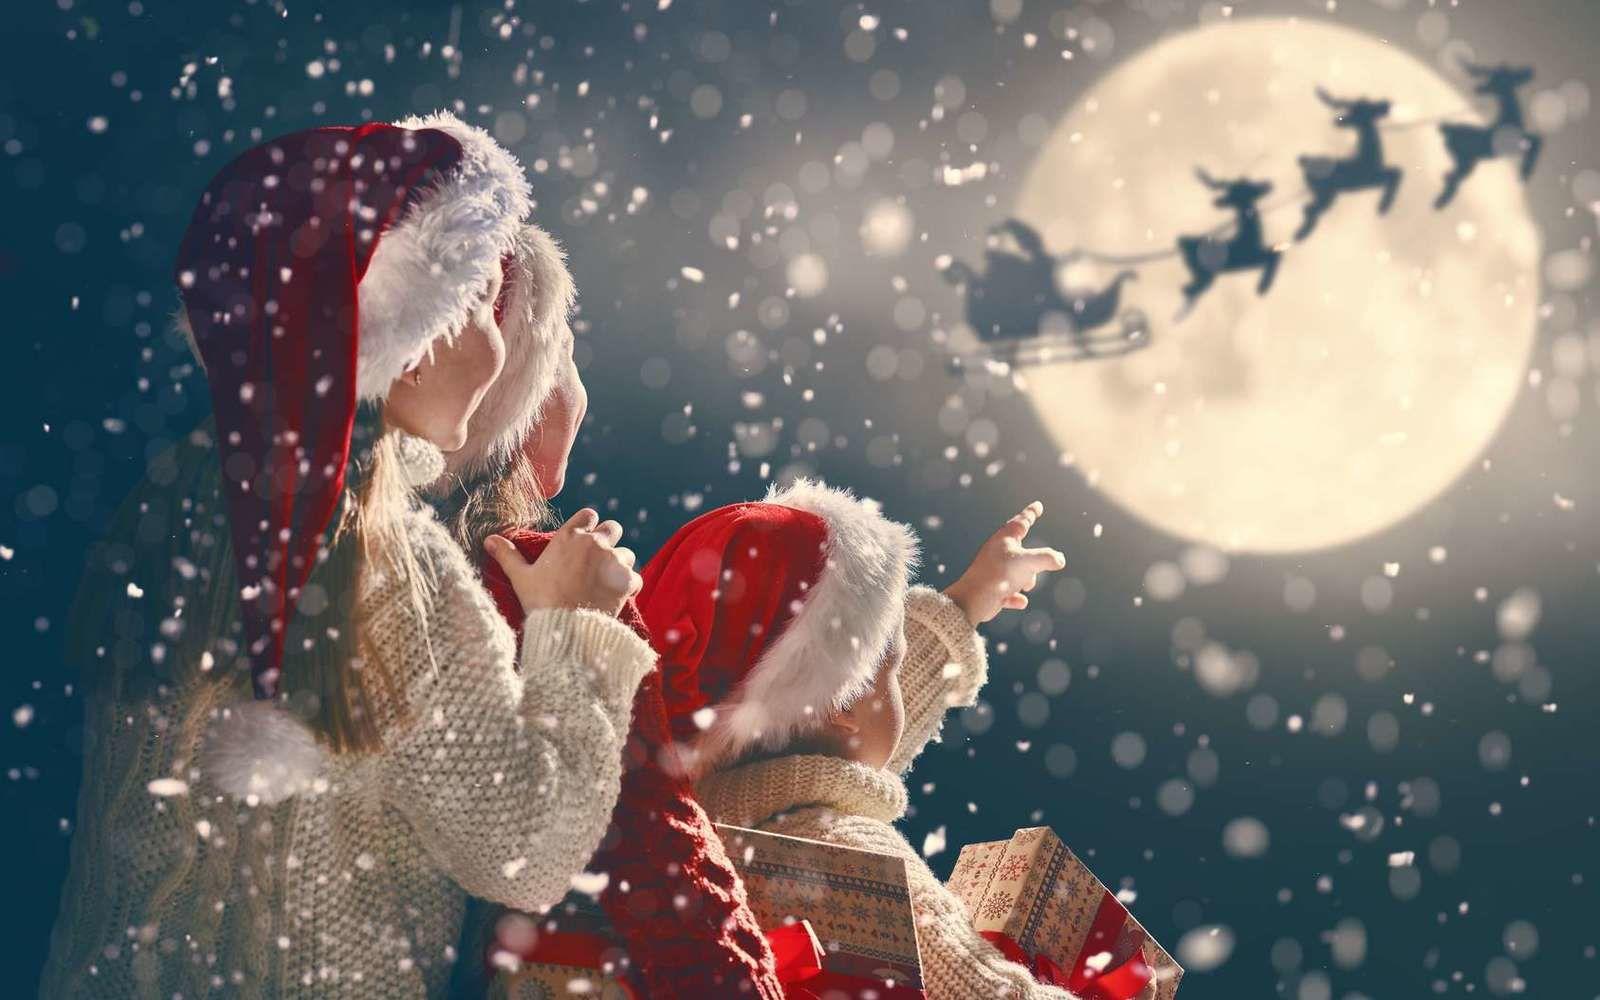 Joyeux Noël à vous tous - Photo : © DR